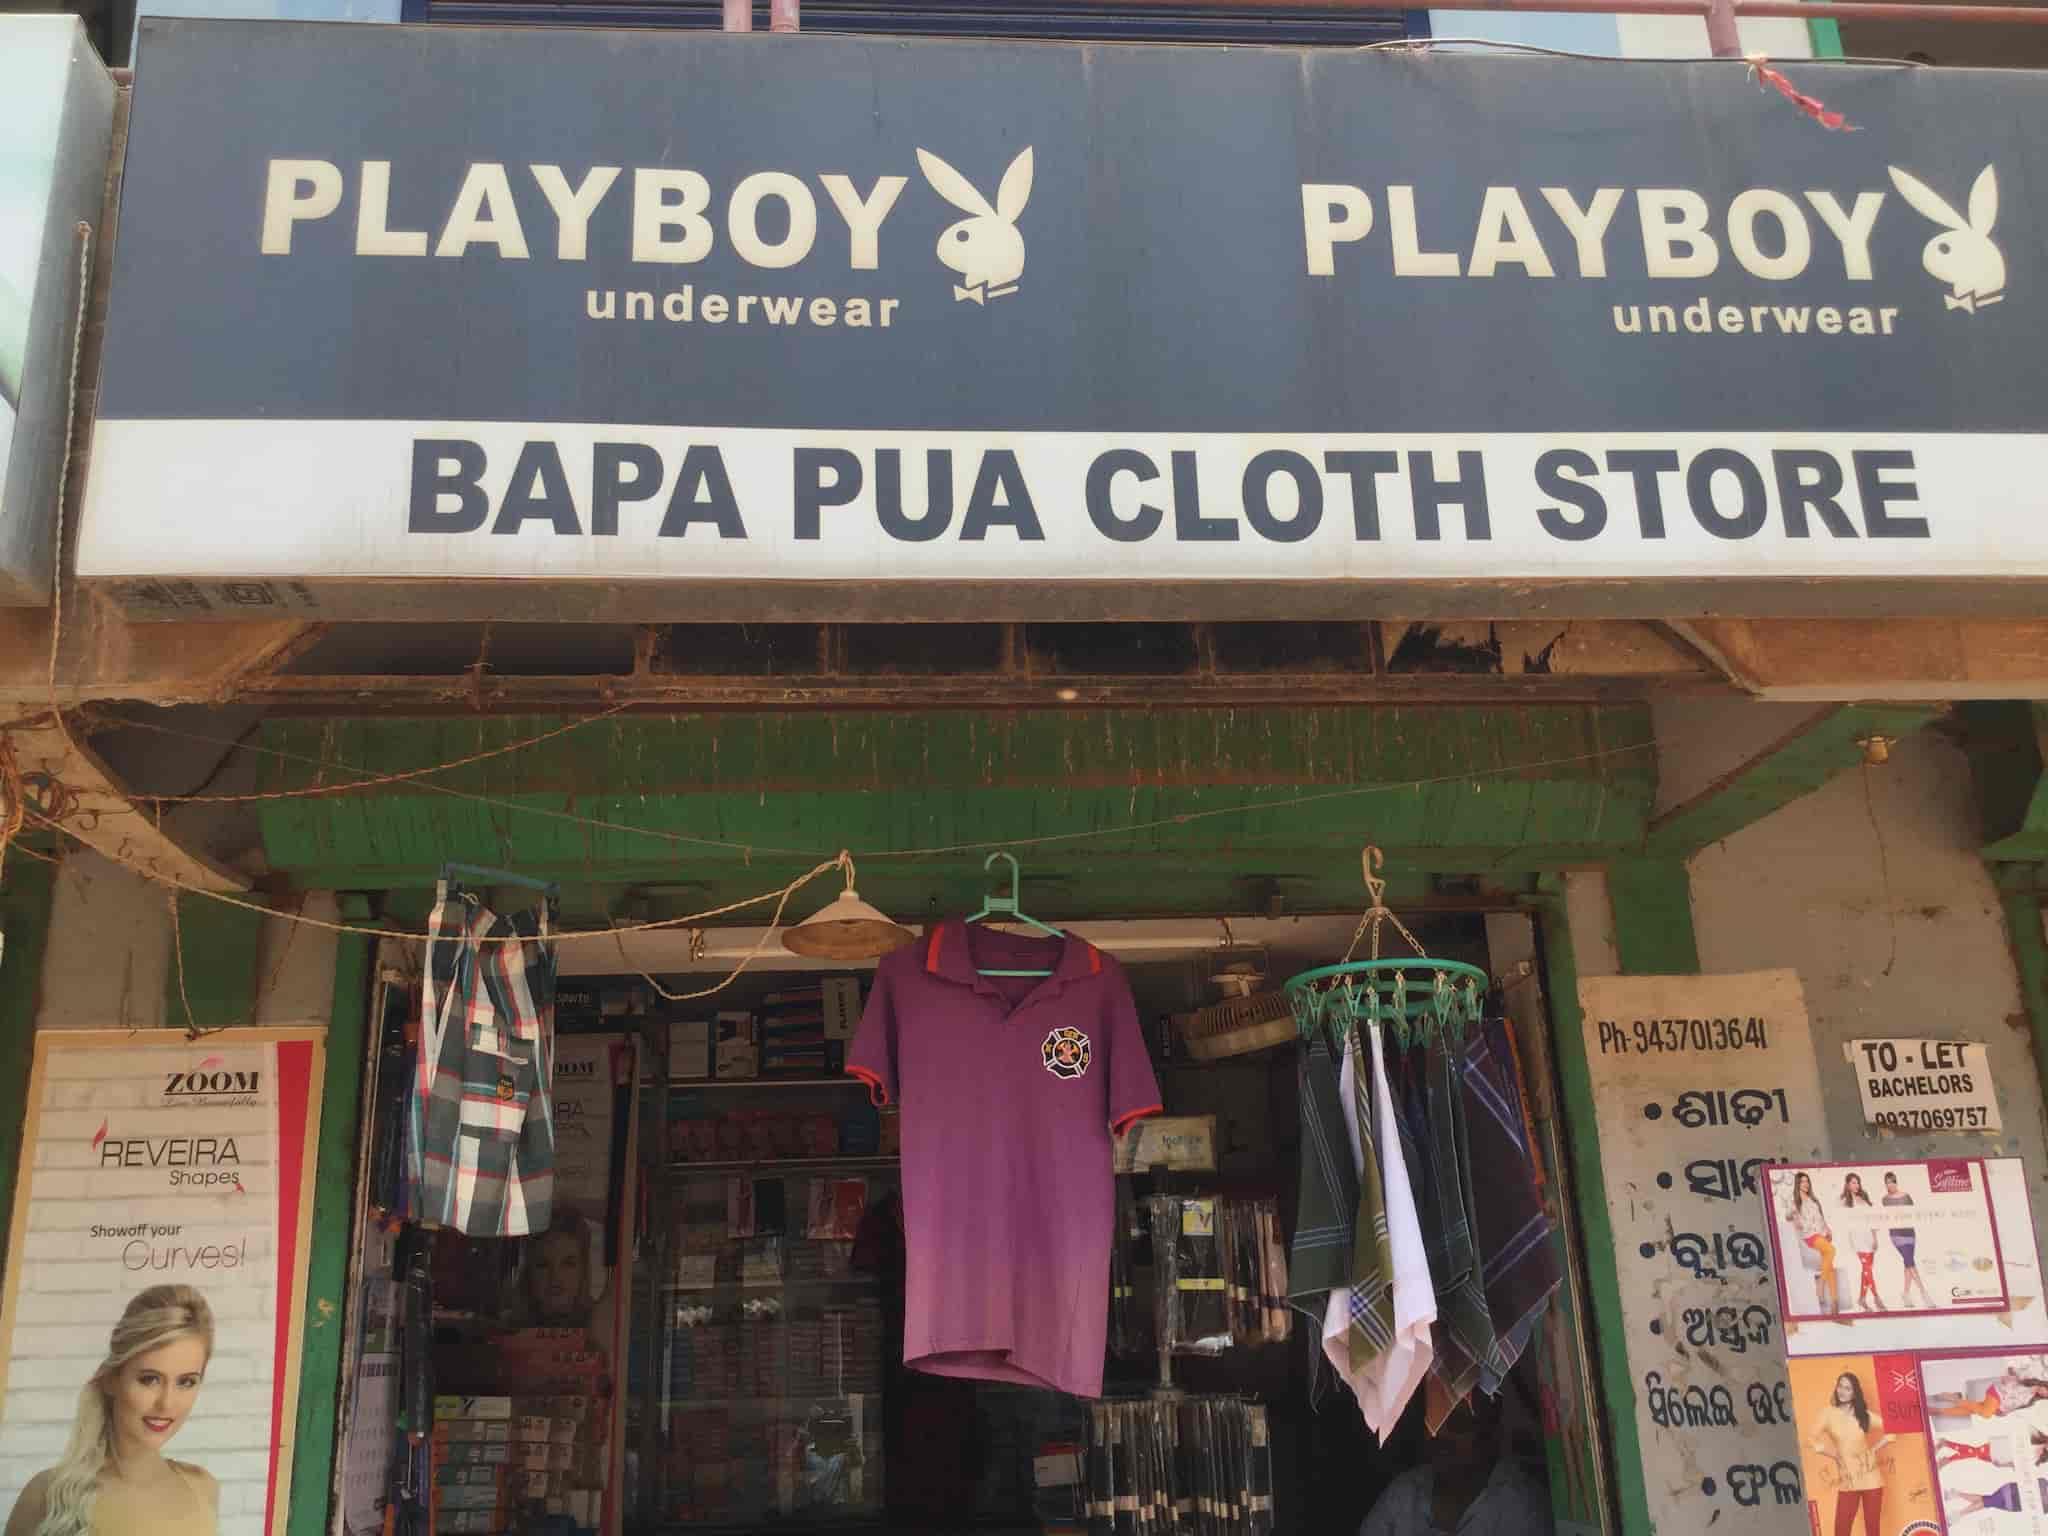 Bapa Pua Cloth Store, Chakeisaini - Saree Retailers in